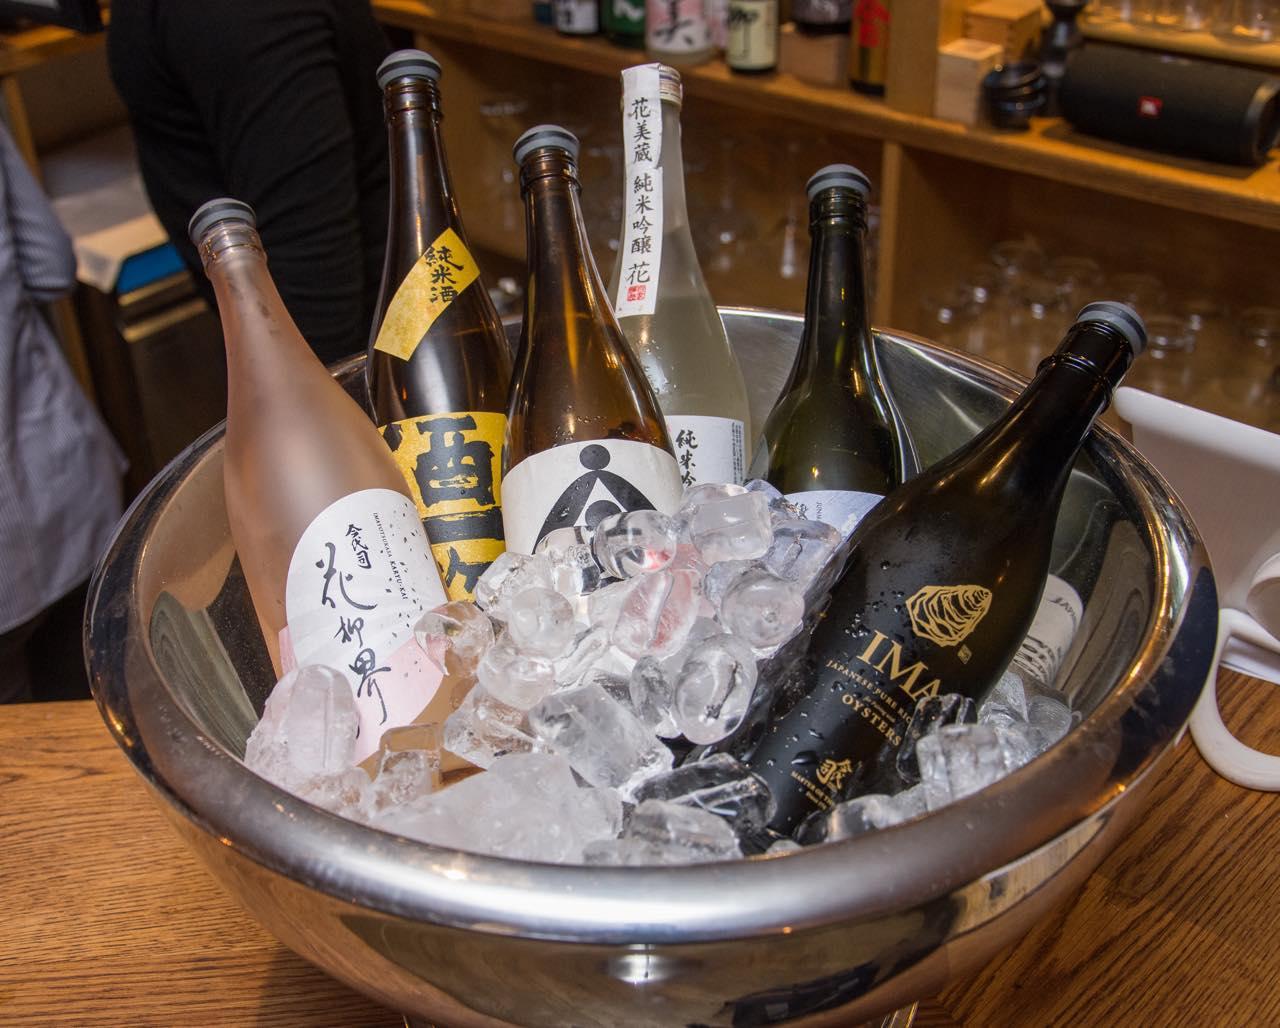 日本酒のこと、なんでも聞いてください! ©︎Nemo Roberts